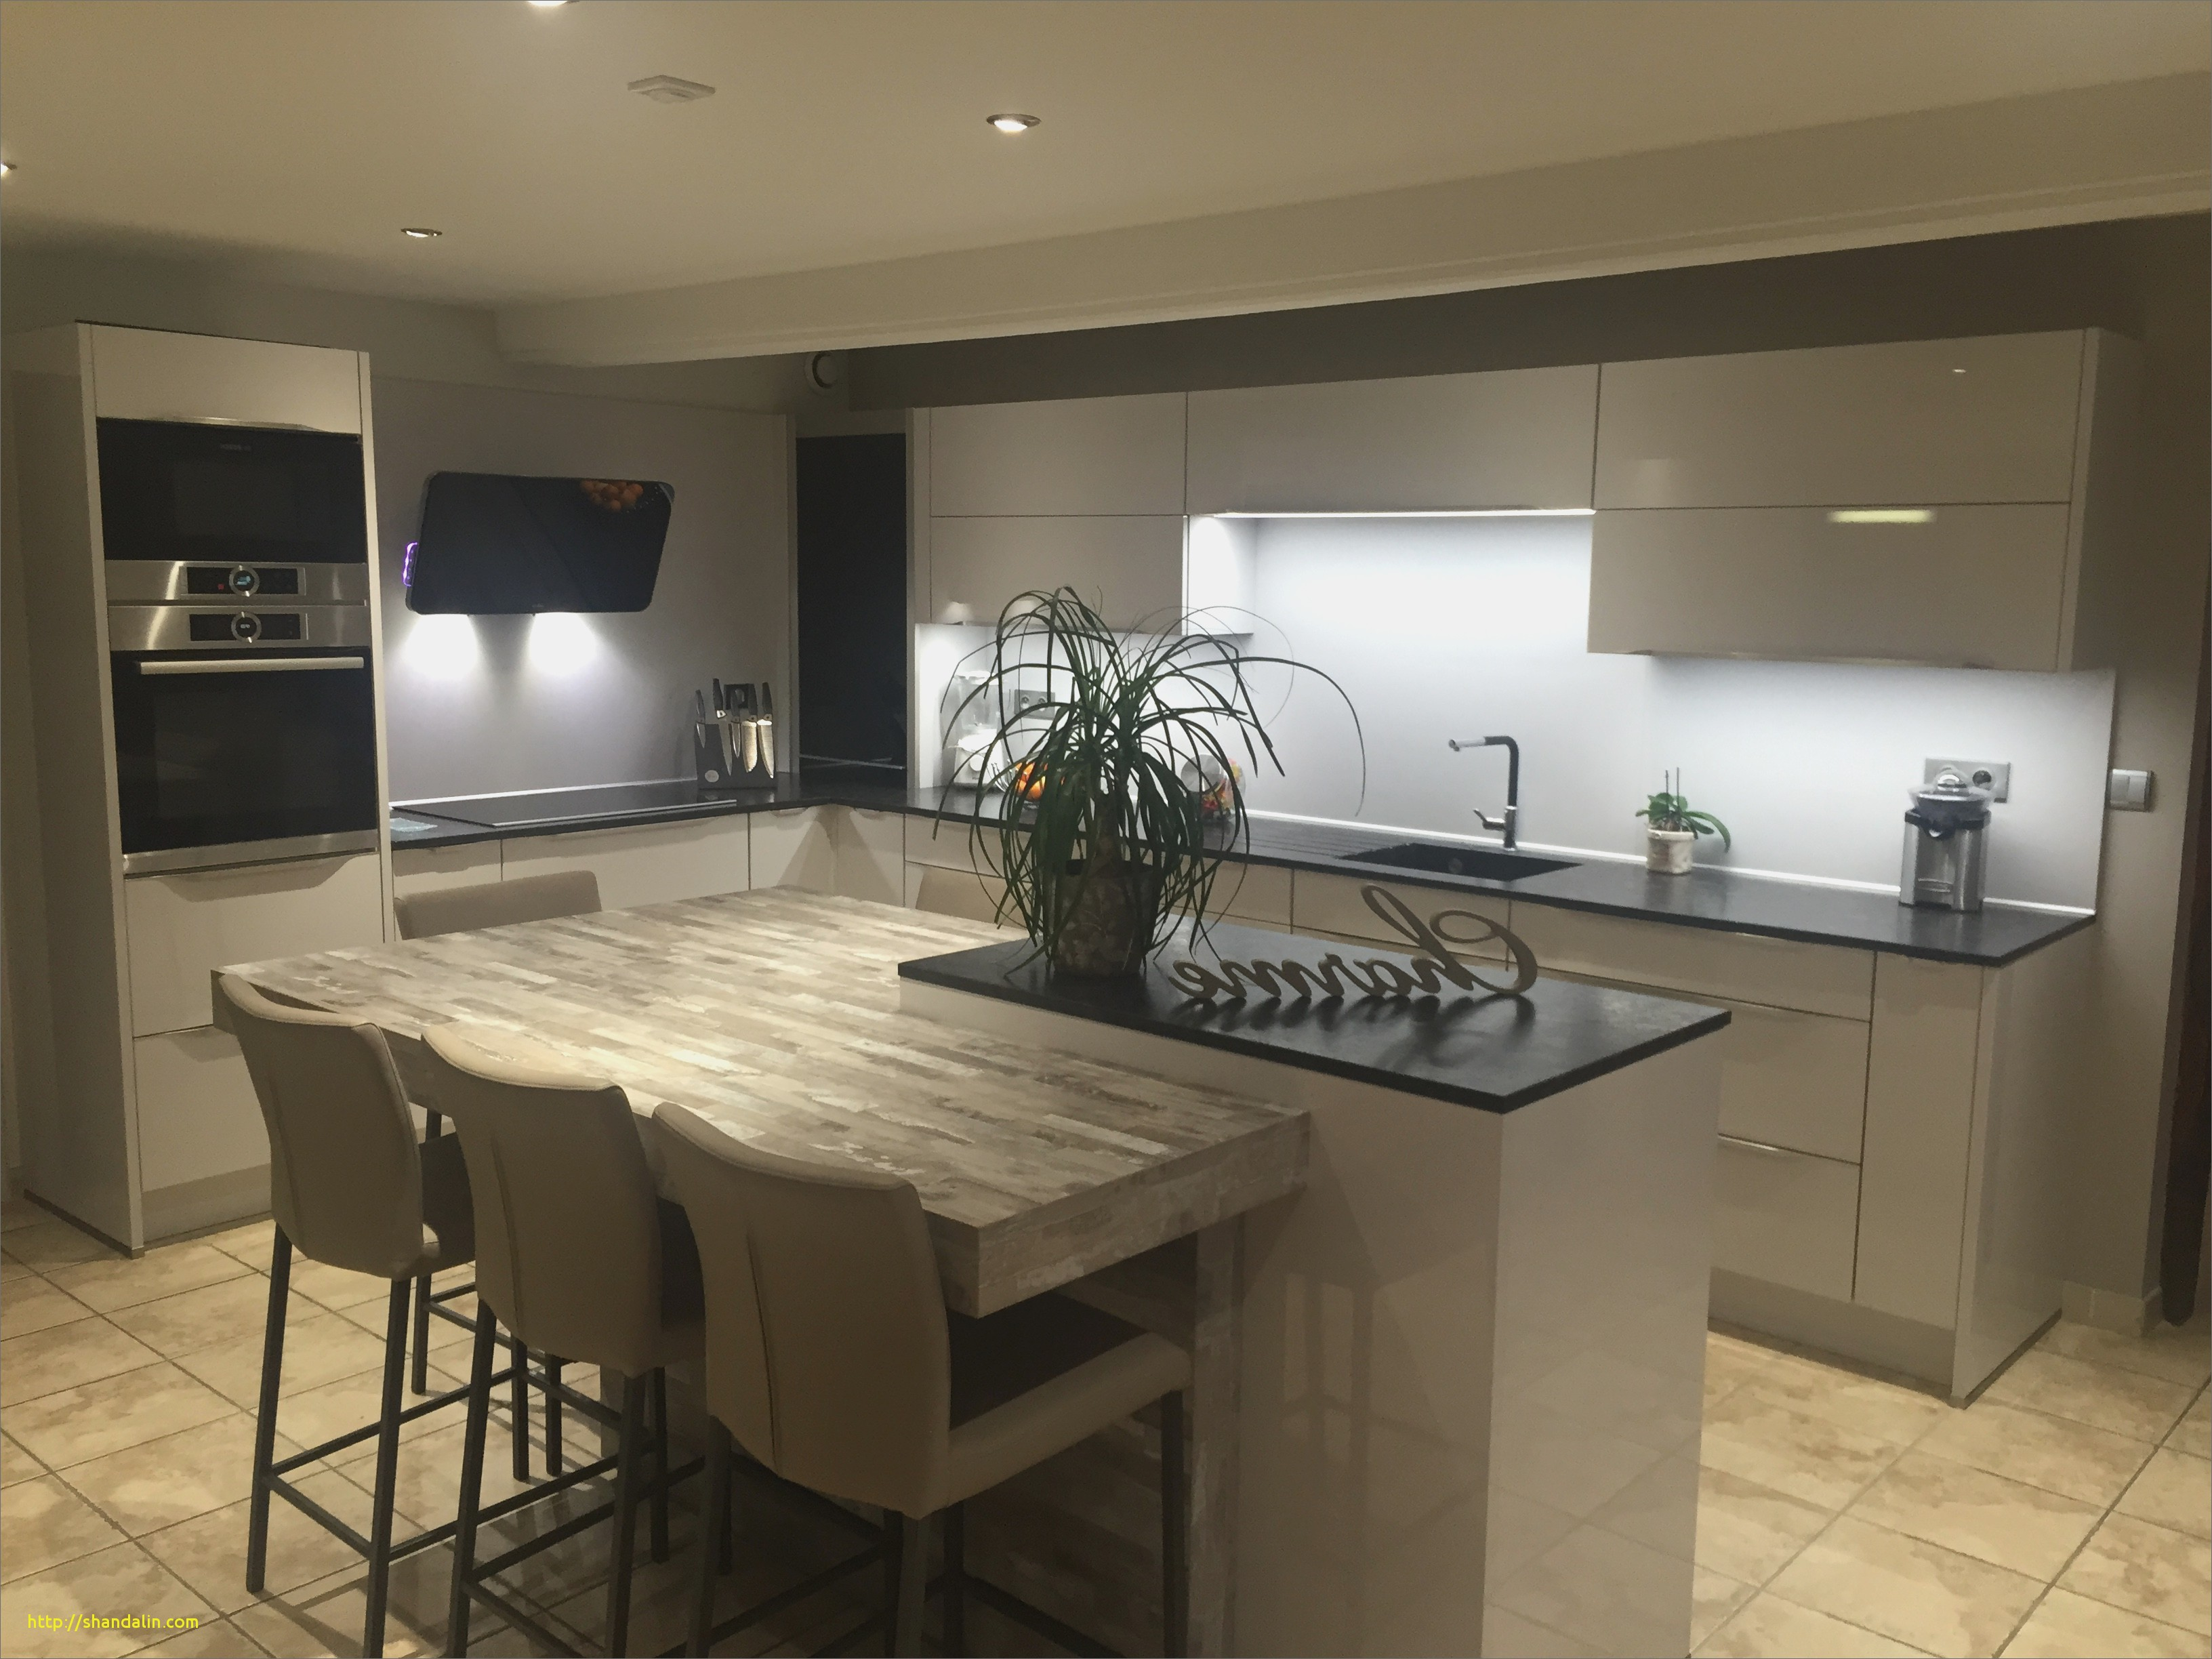 tout sur la cuisine et le mobilier cuisine page 90 sur 190. Black Bedroom Furniture Sets. Home Design Ideas